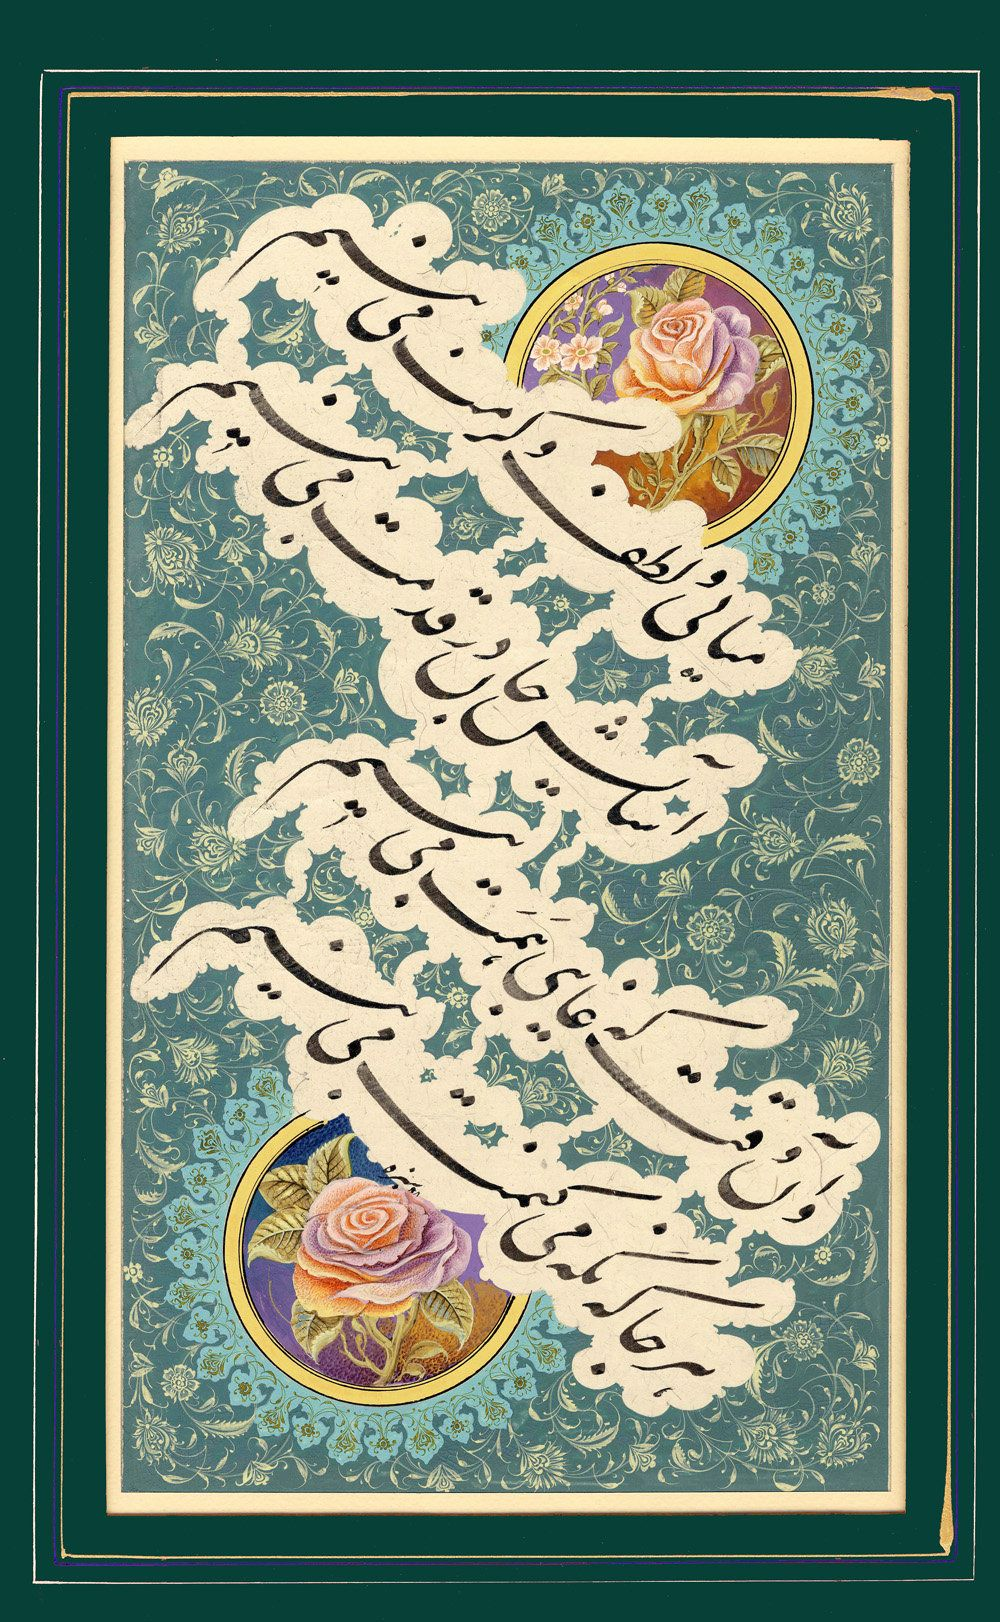 ισλαμικές γνωριμίες και σχέσεις ραντεβού γκουρού Λονδίνο